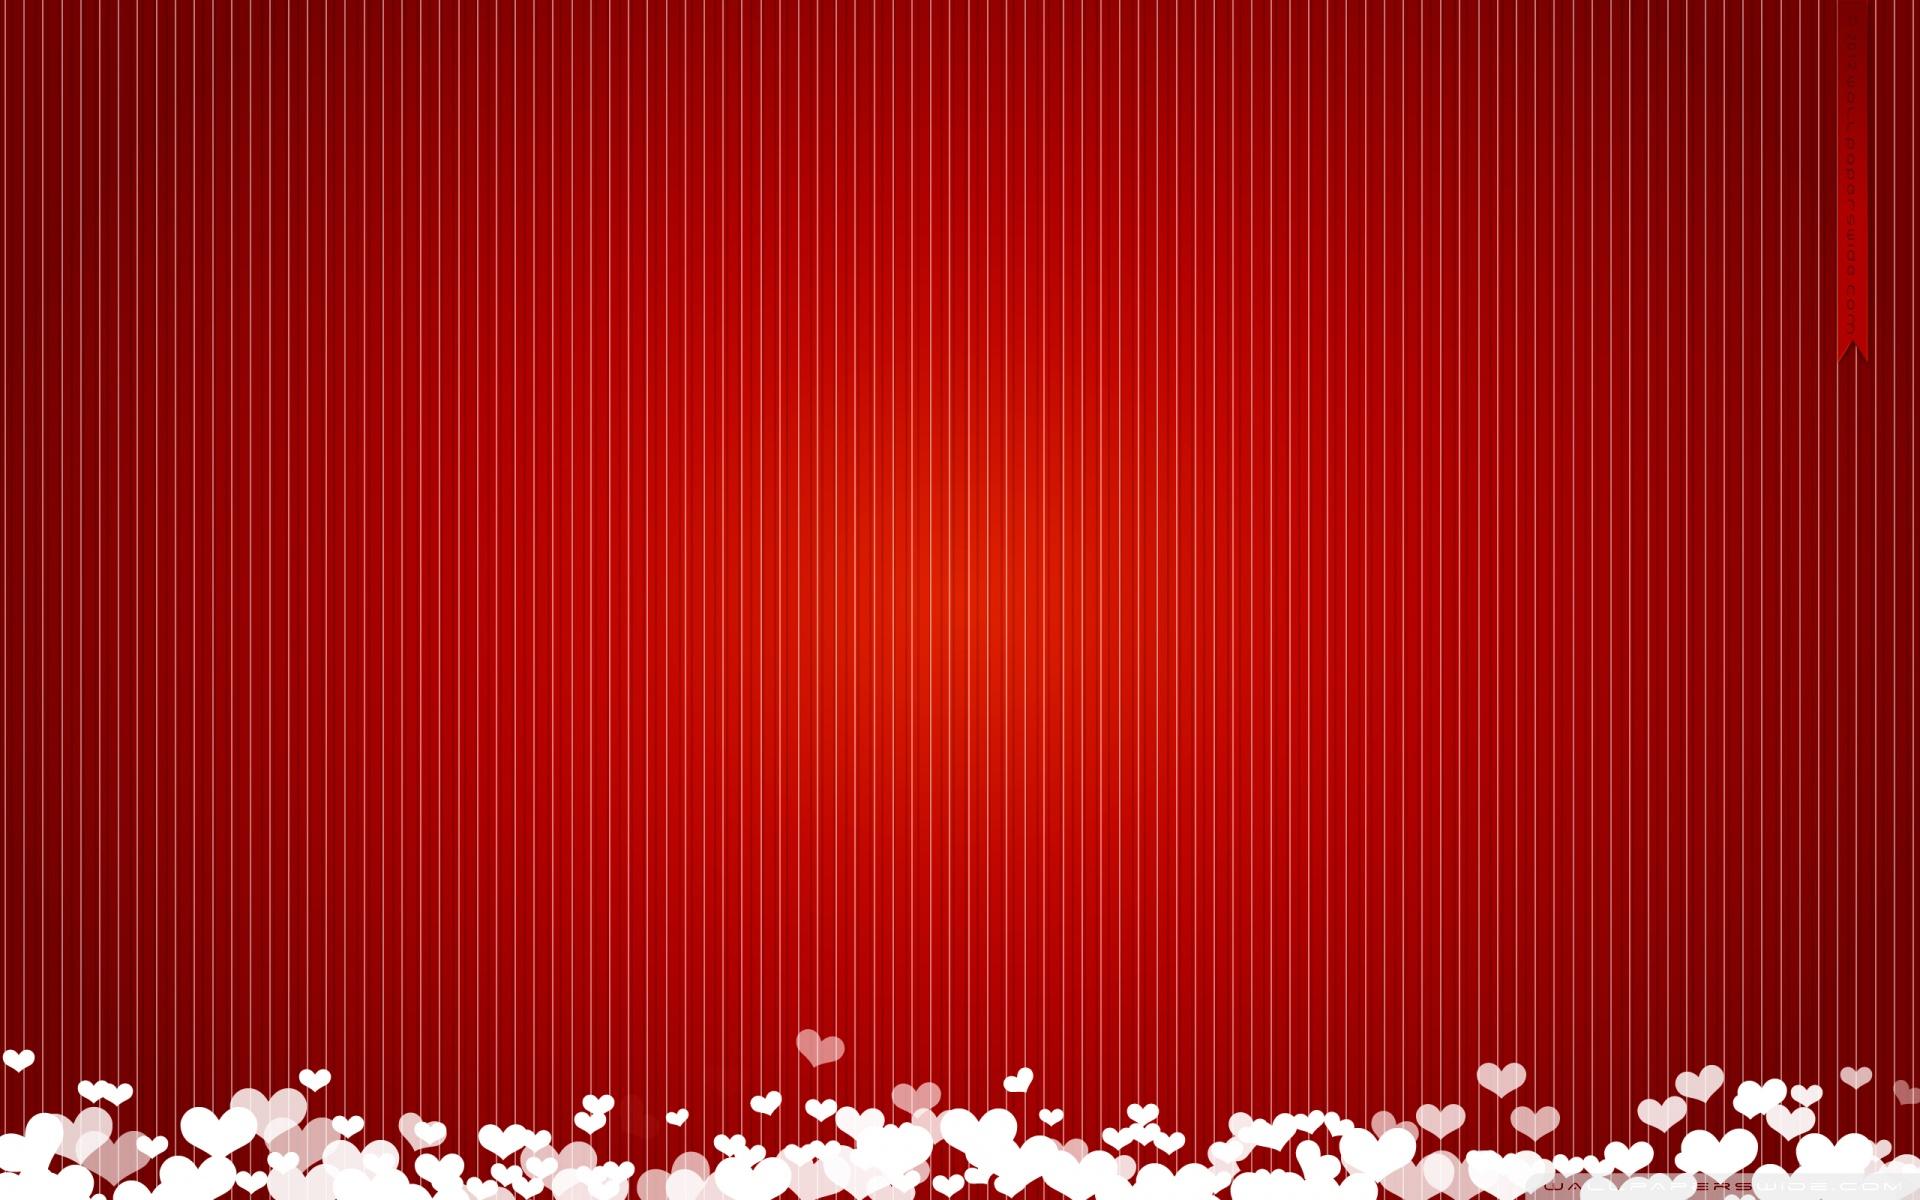 Red Love Wallpaper For Mobile : Red Love Wallpapers - WallpaperSafari